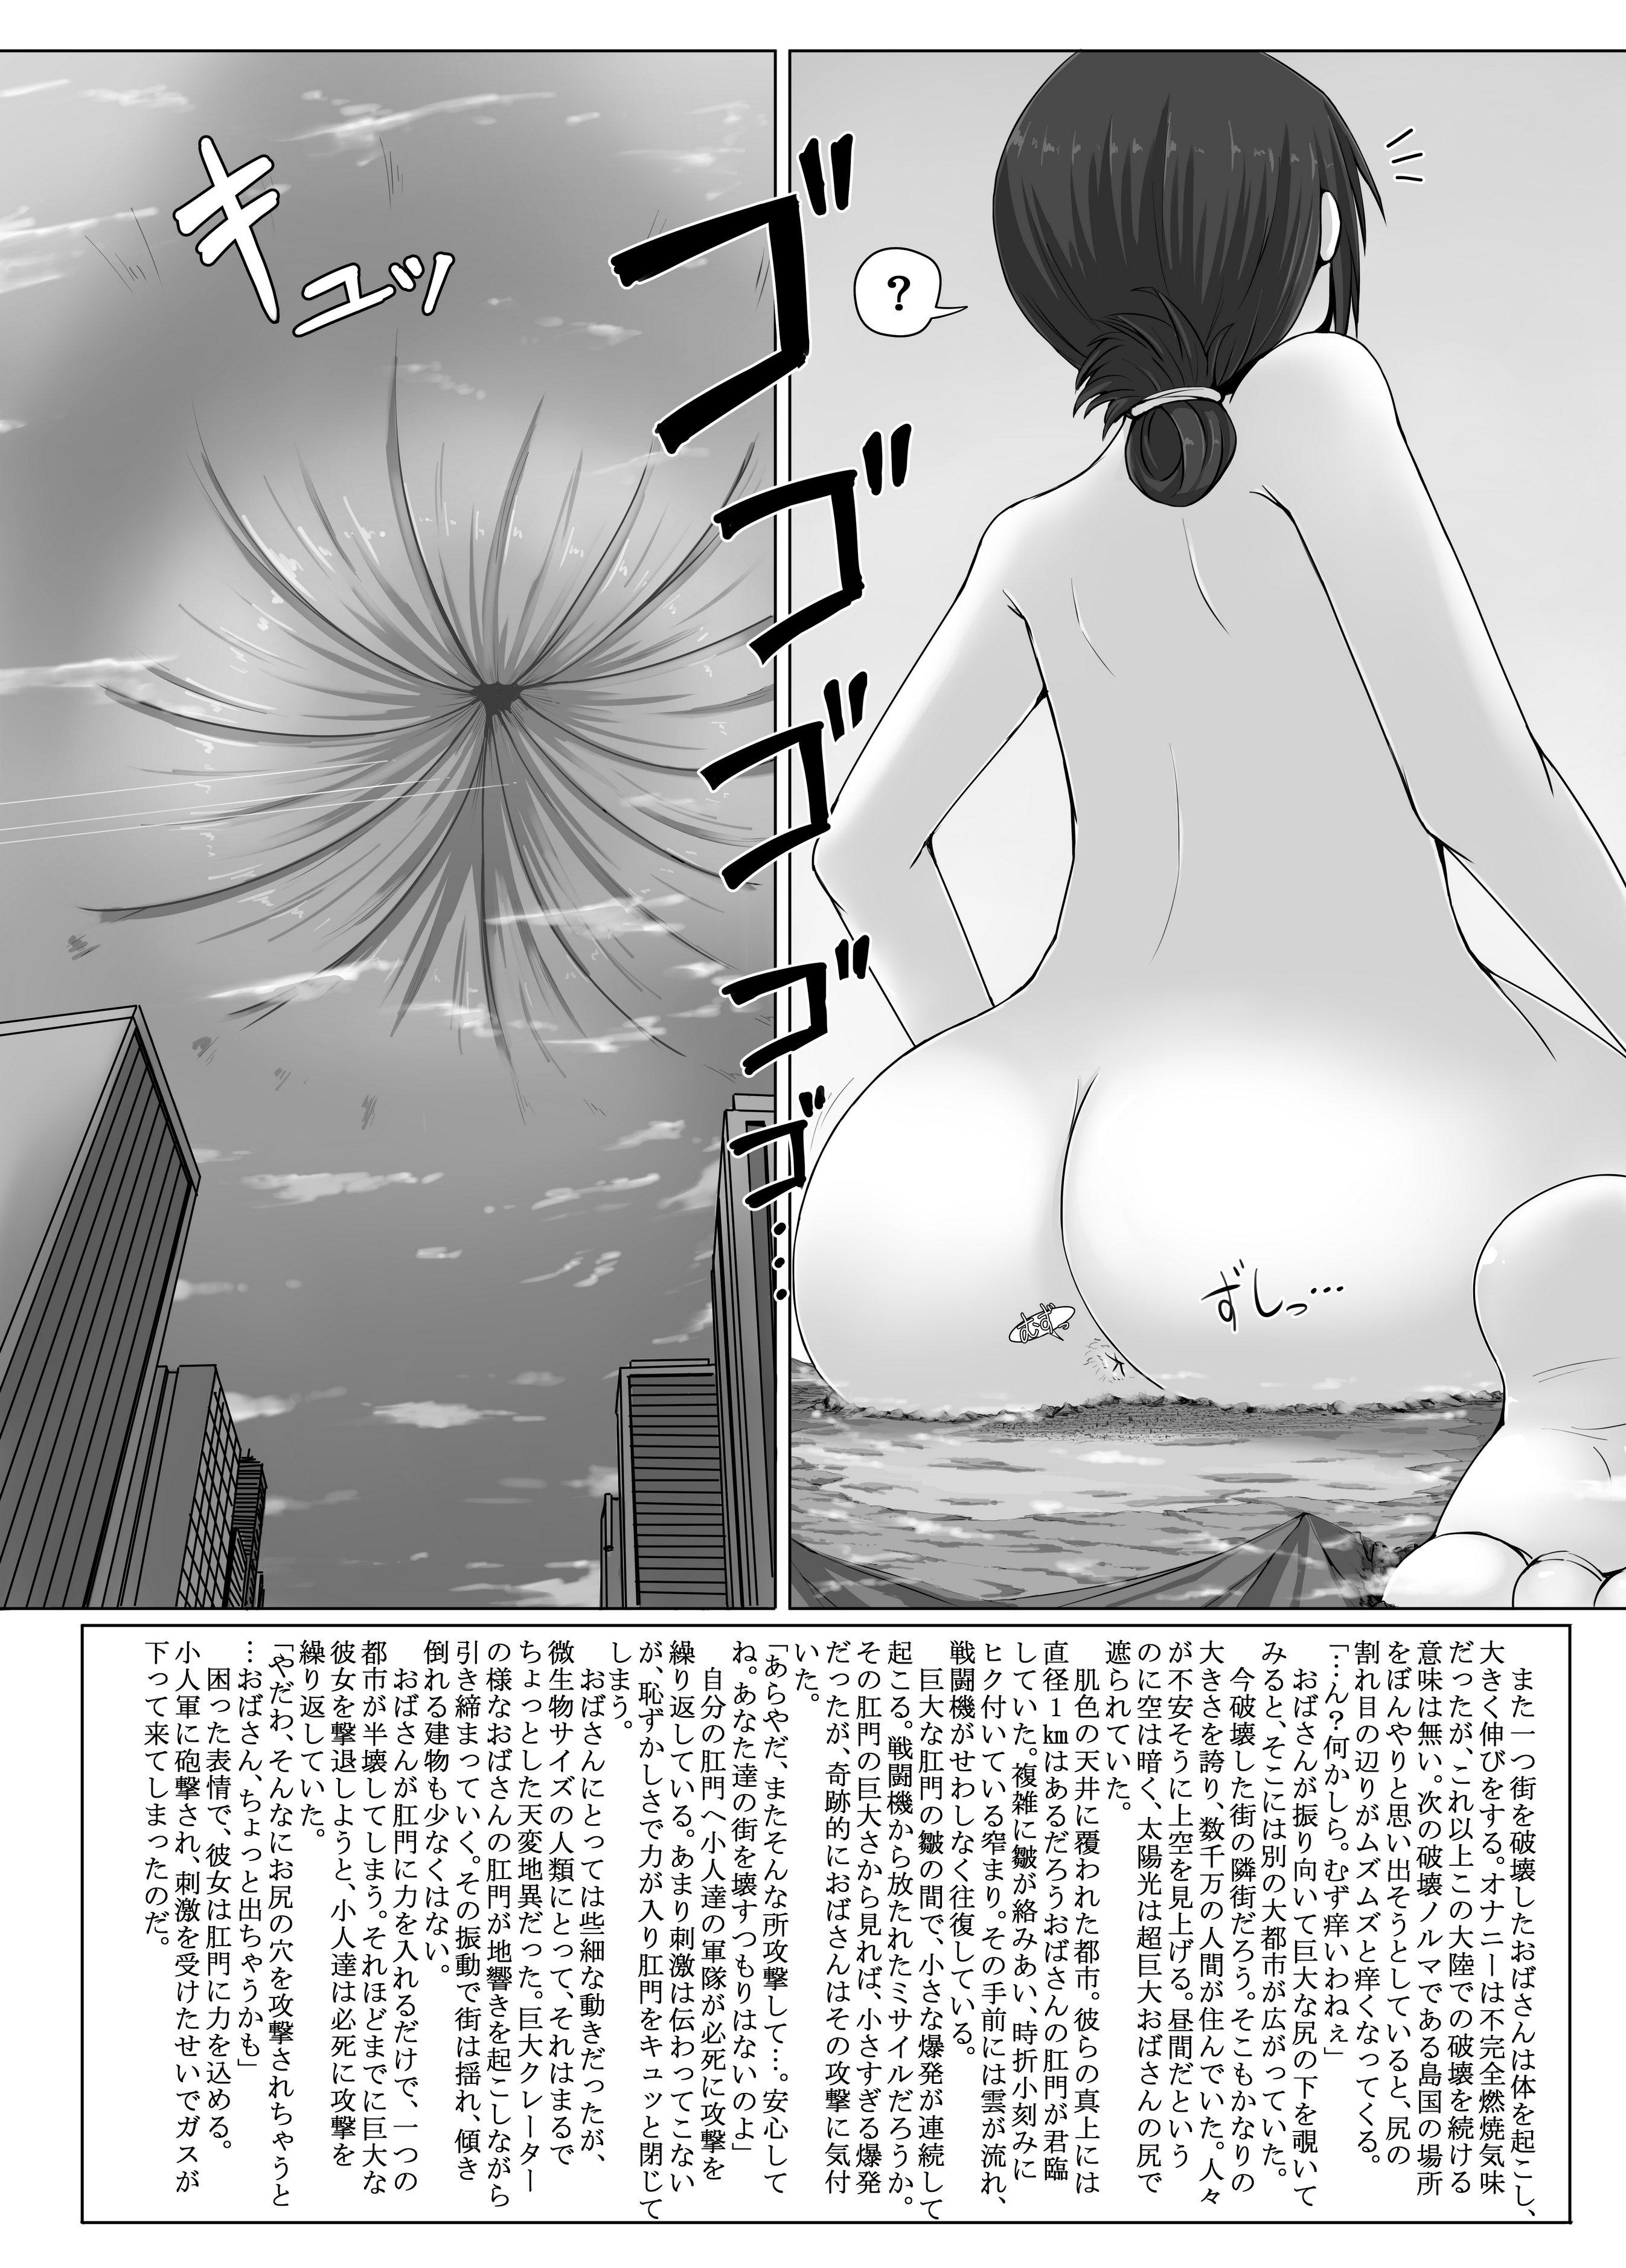 【エロ漫画】アラサー主婦襲来!パートで超ミニチュアサイズの街を爆乳とマンコで破壊、オナニーの道具にwww【無料 エロ同人誌】 (9)